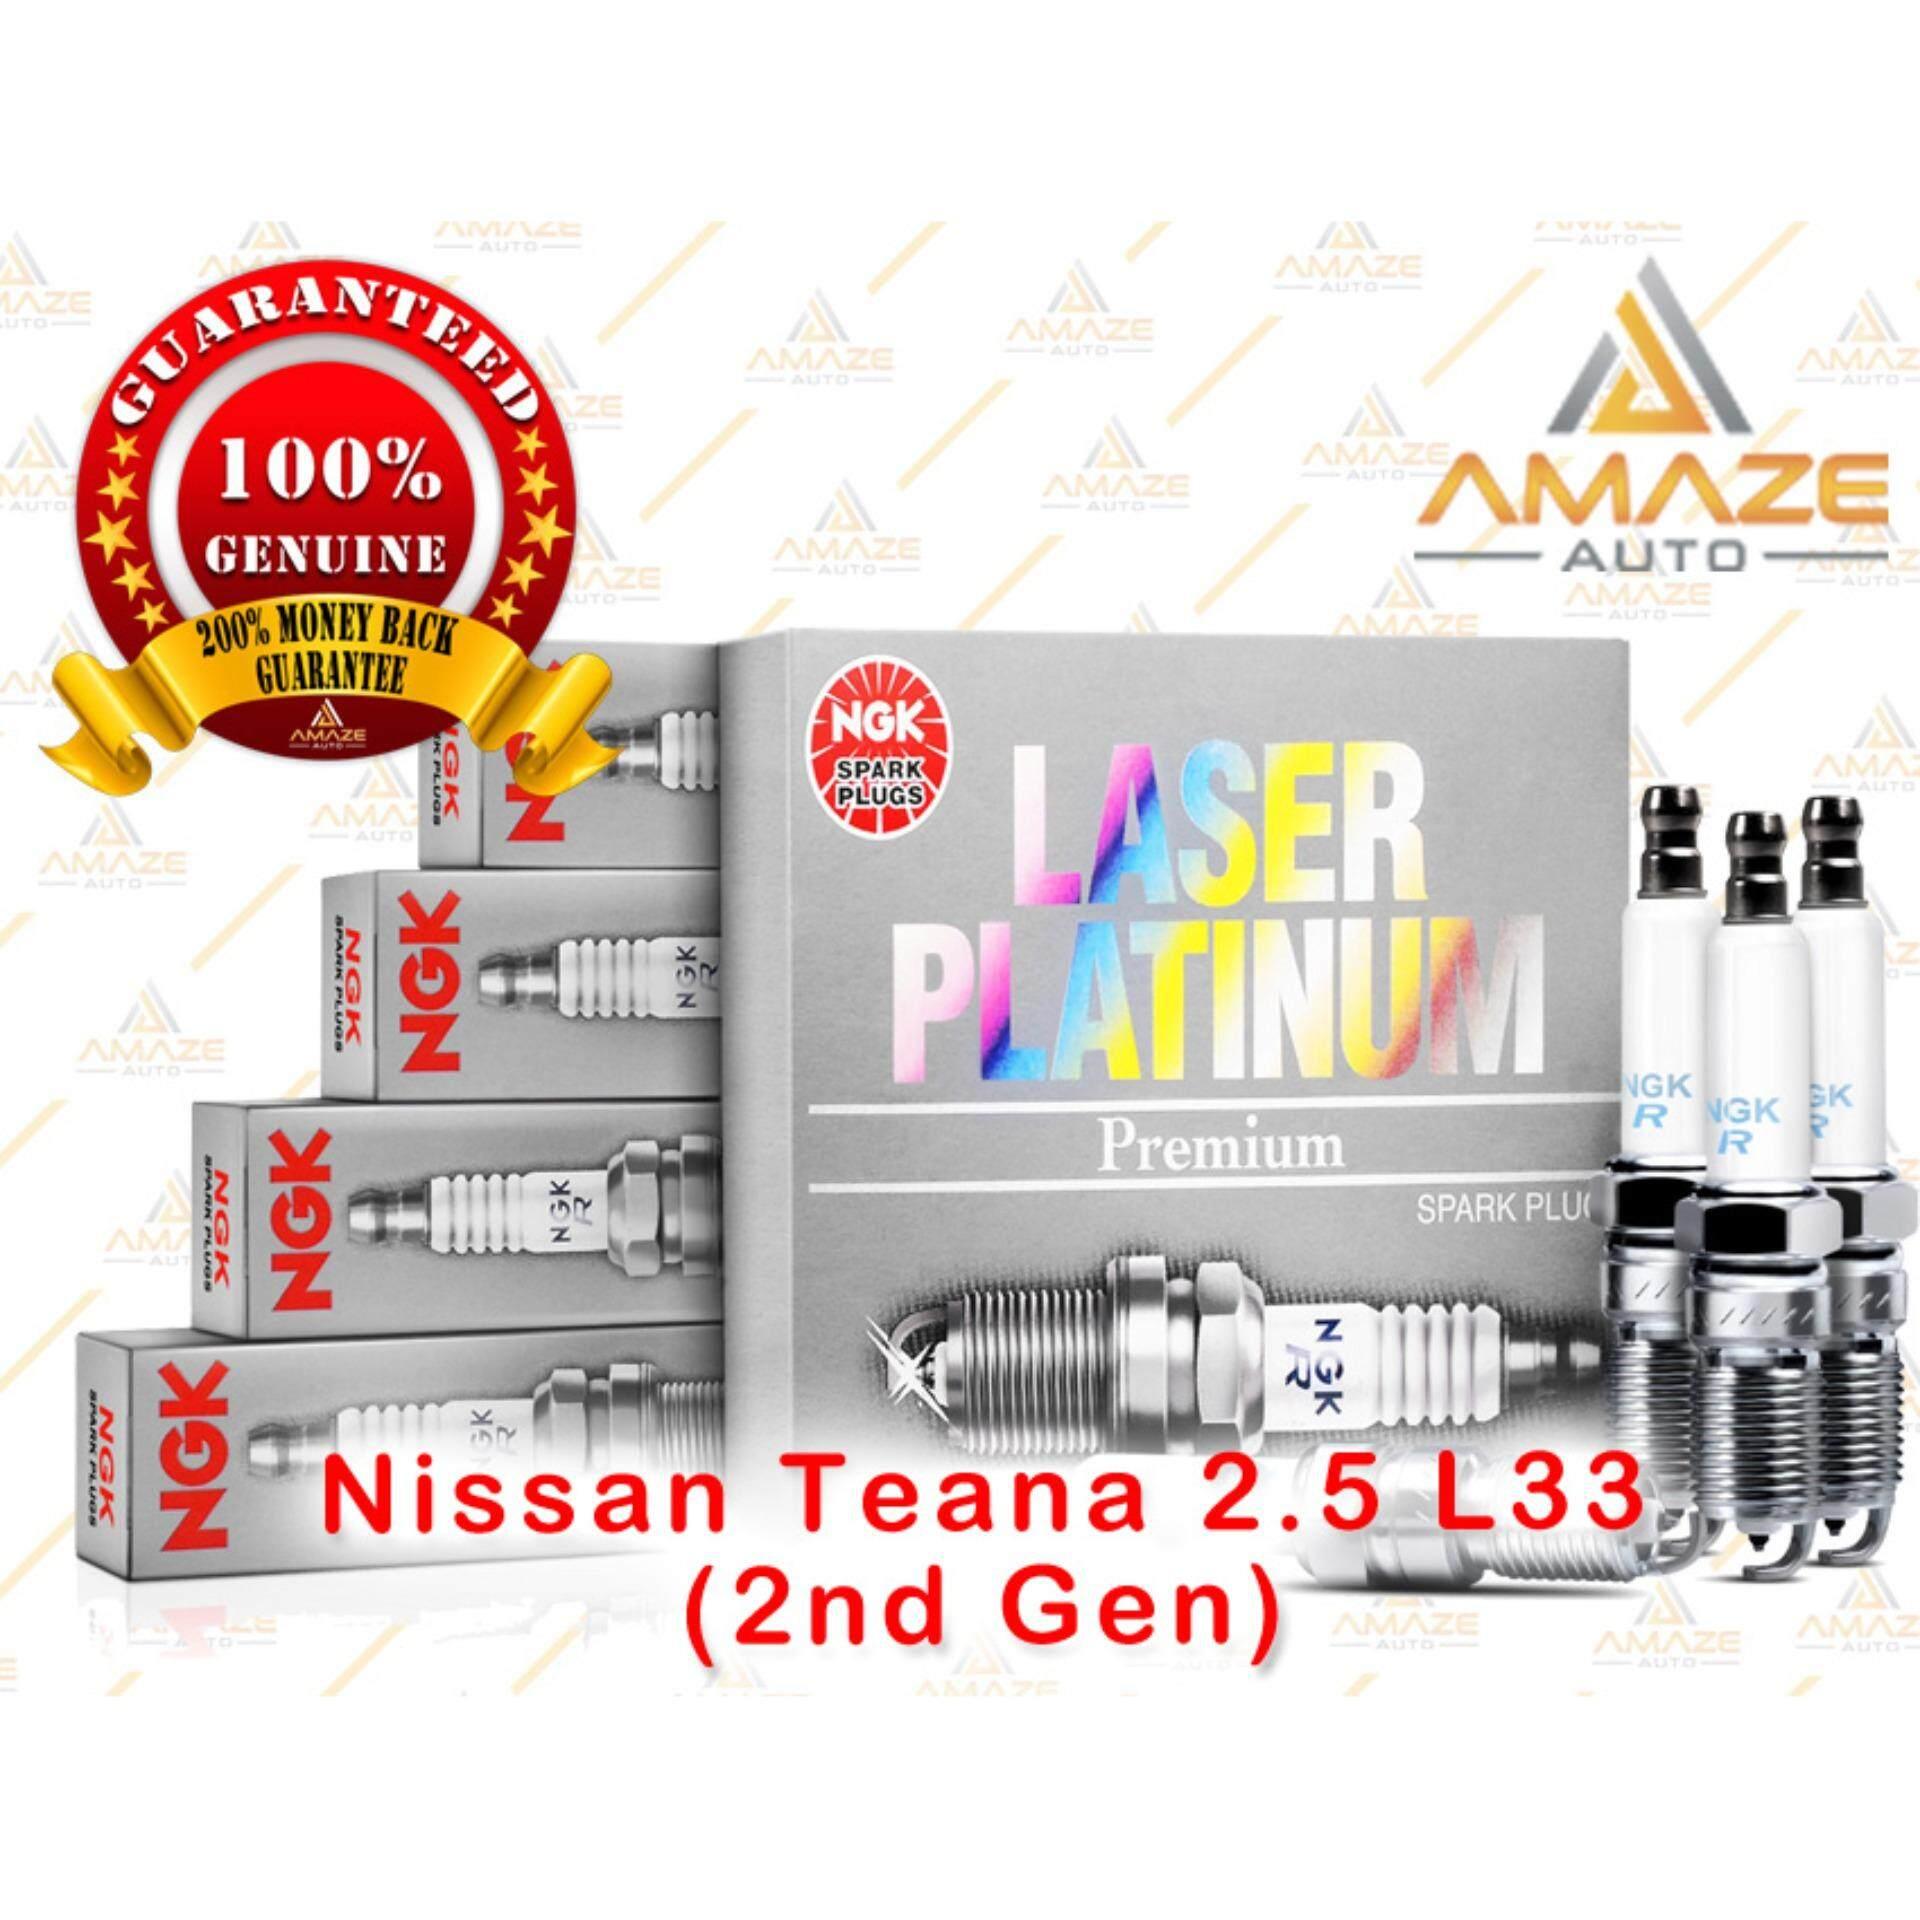 NGK Laser Platinum Spark Plug for Nissan Teana 2.5 L33 (2nd Gen)